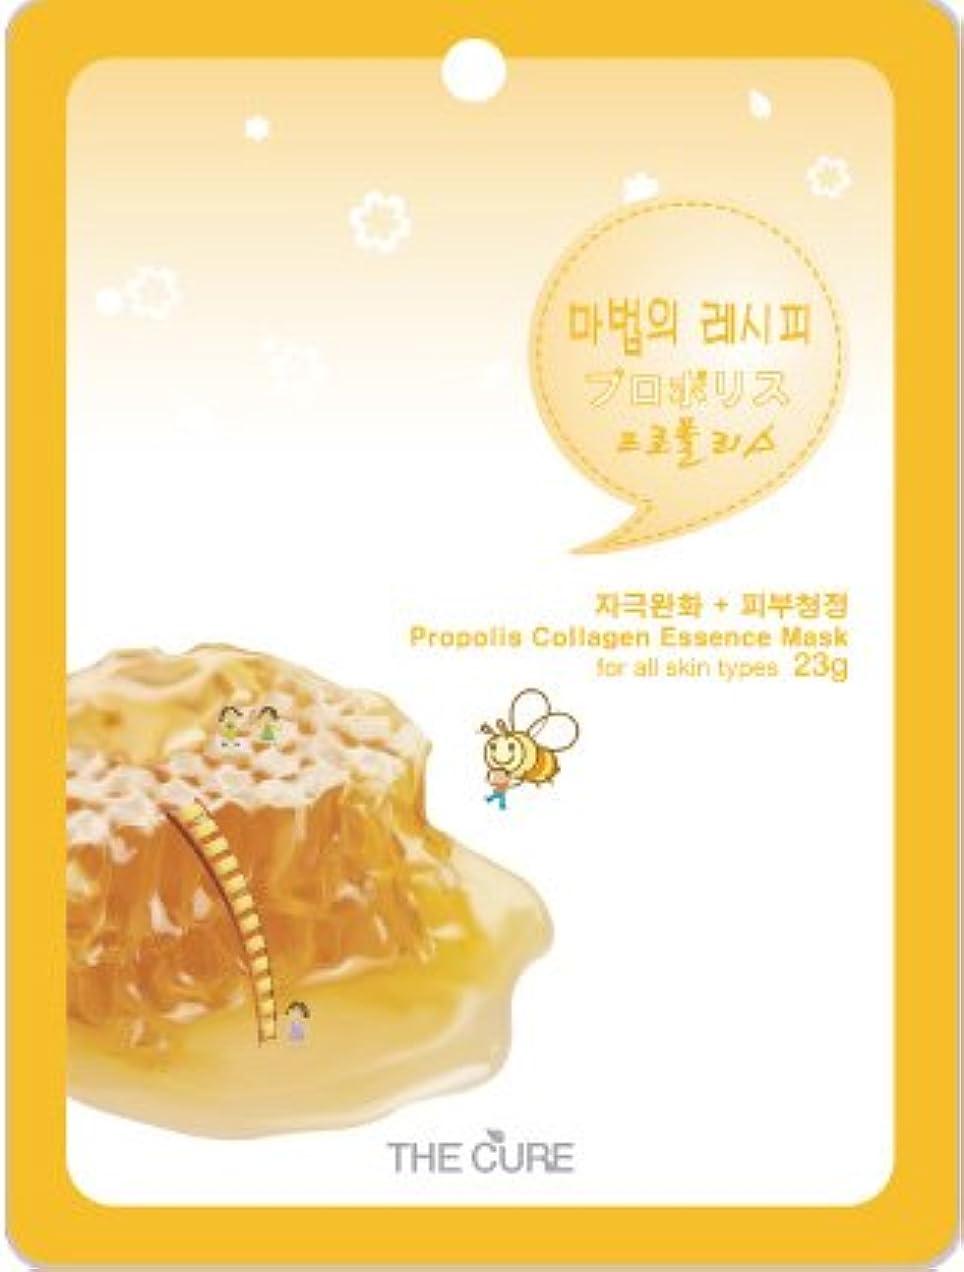 プレビスサイトのスコア分散プロポリス コラーゲン エッセンス マスク THE CURE シート パック 10枚セット 韓国 コスメ 乾燥肌 オイリー肌 混合肌